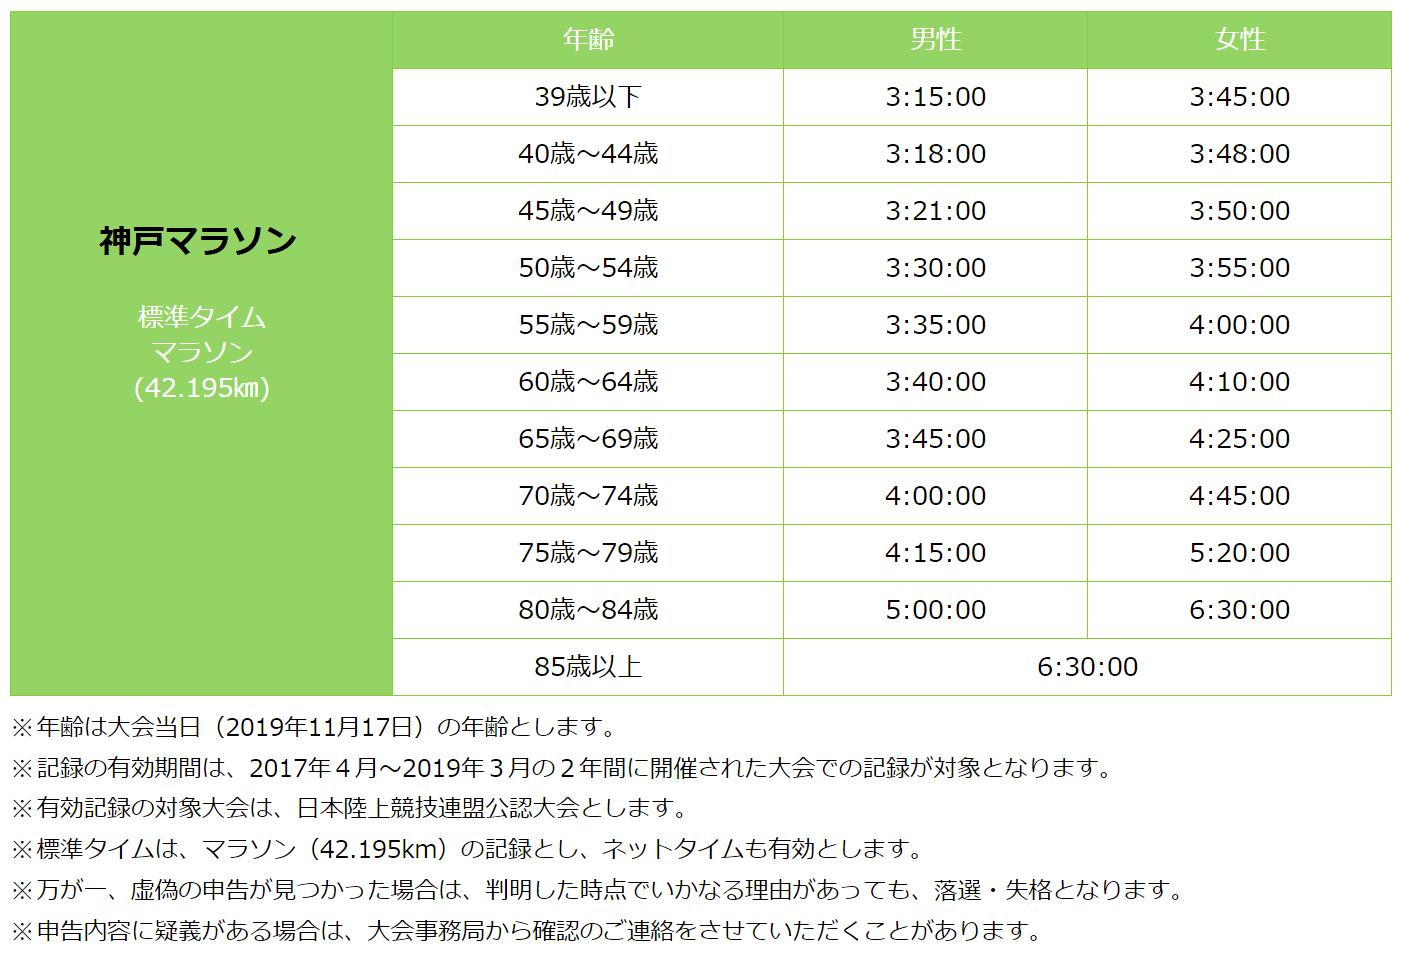 神戸マラソン年代別の基準タイム優先枠